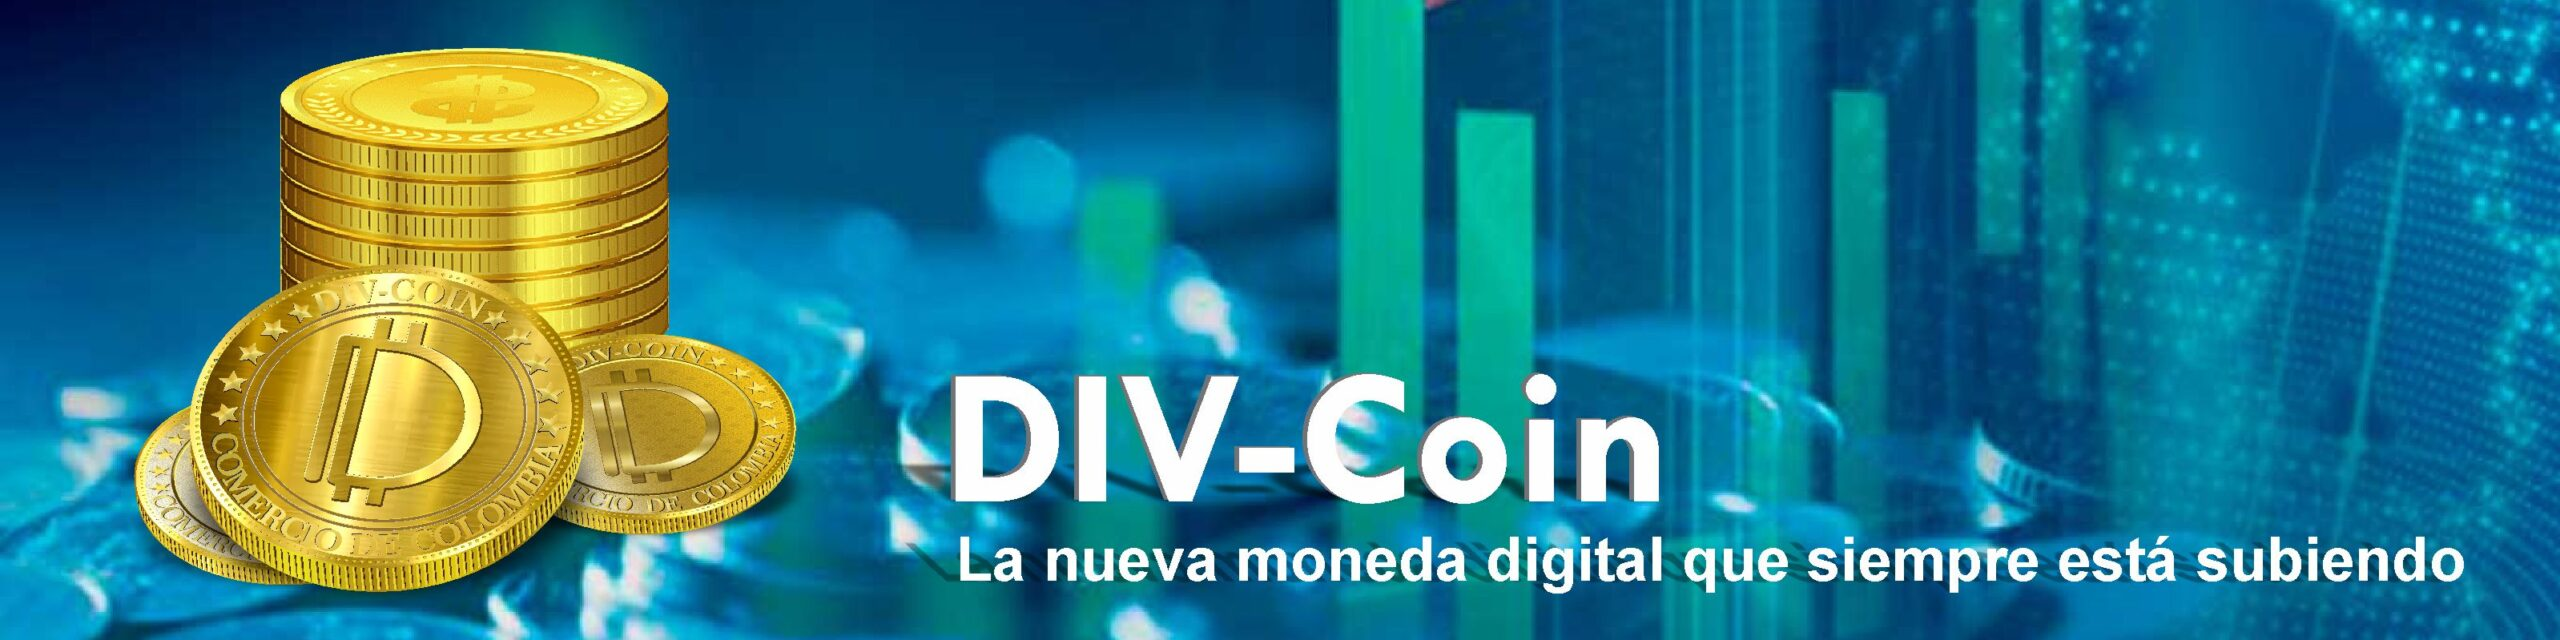 moneda02-dv